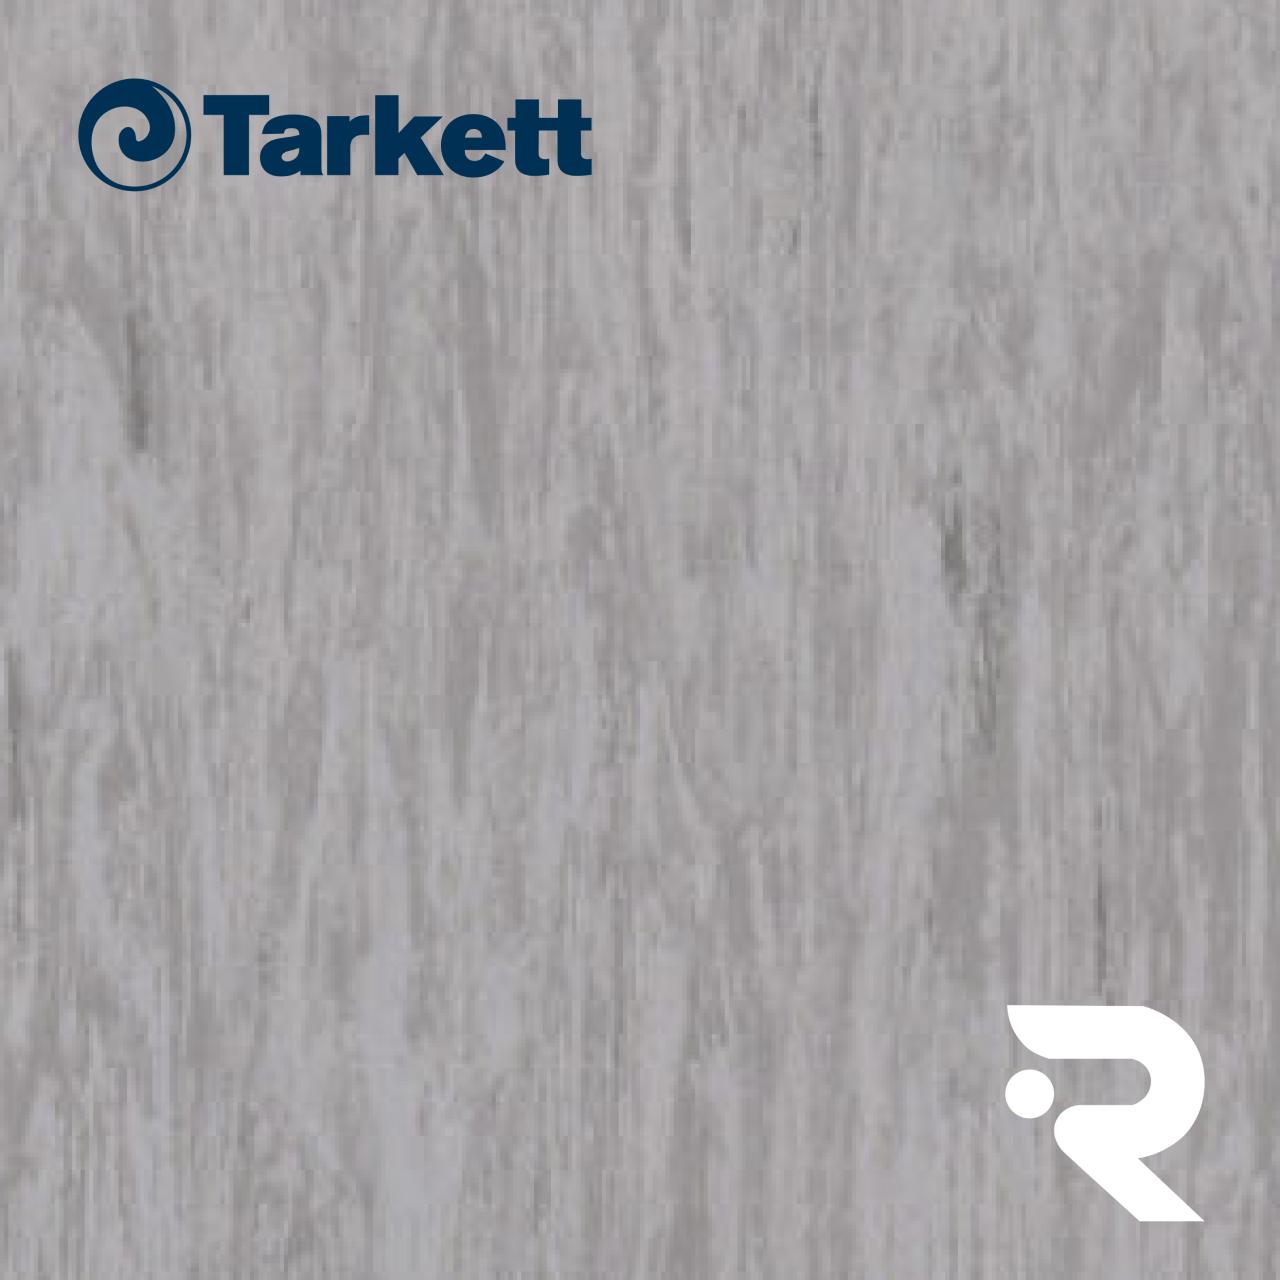 🏫 Гомогенний лінолеум Tarkett   Standard BEIGE GREY 0495   Standard Plus 2.0 mm   2 х 23 м